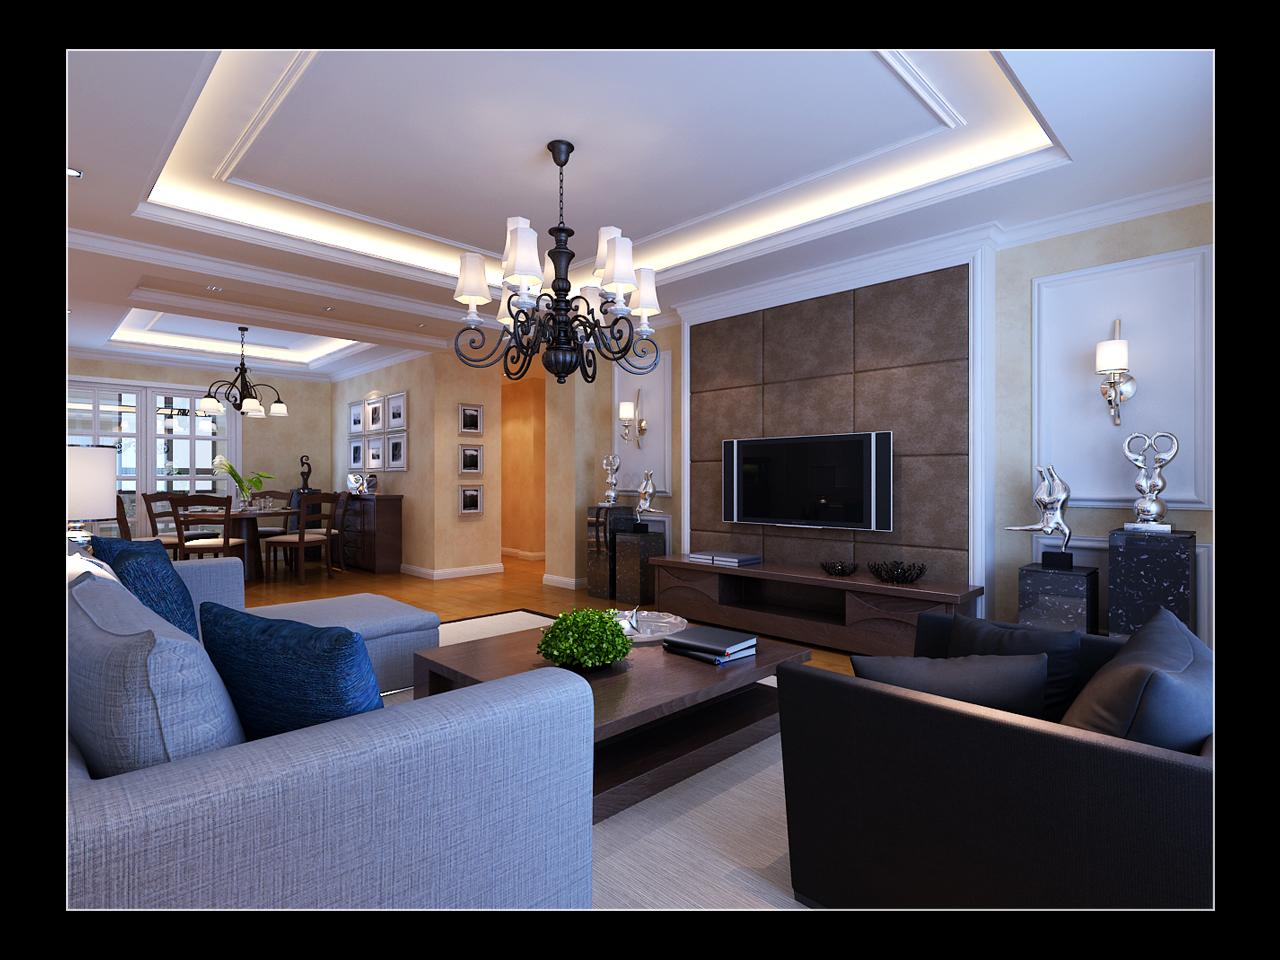 室内整套装修风格效果图